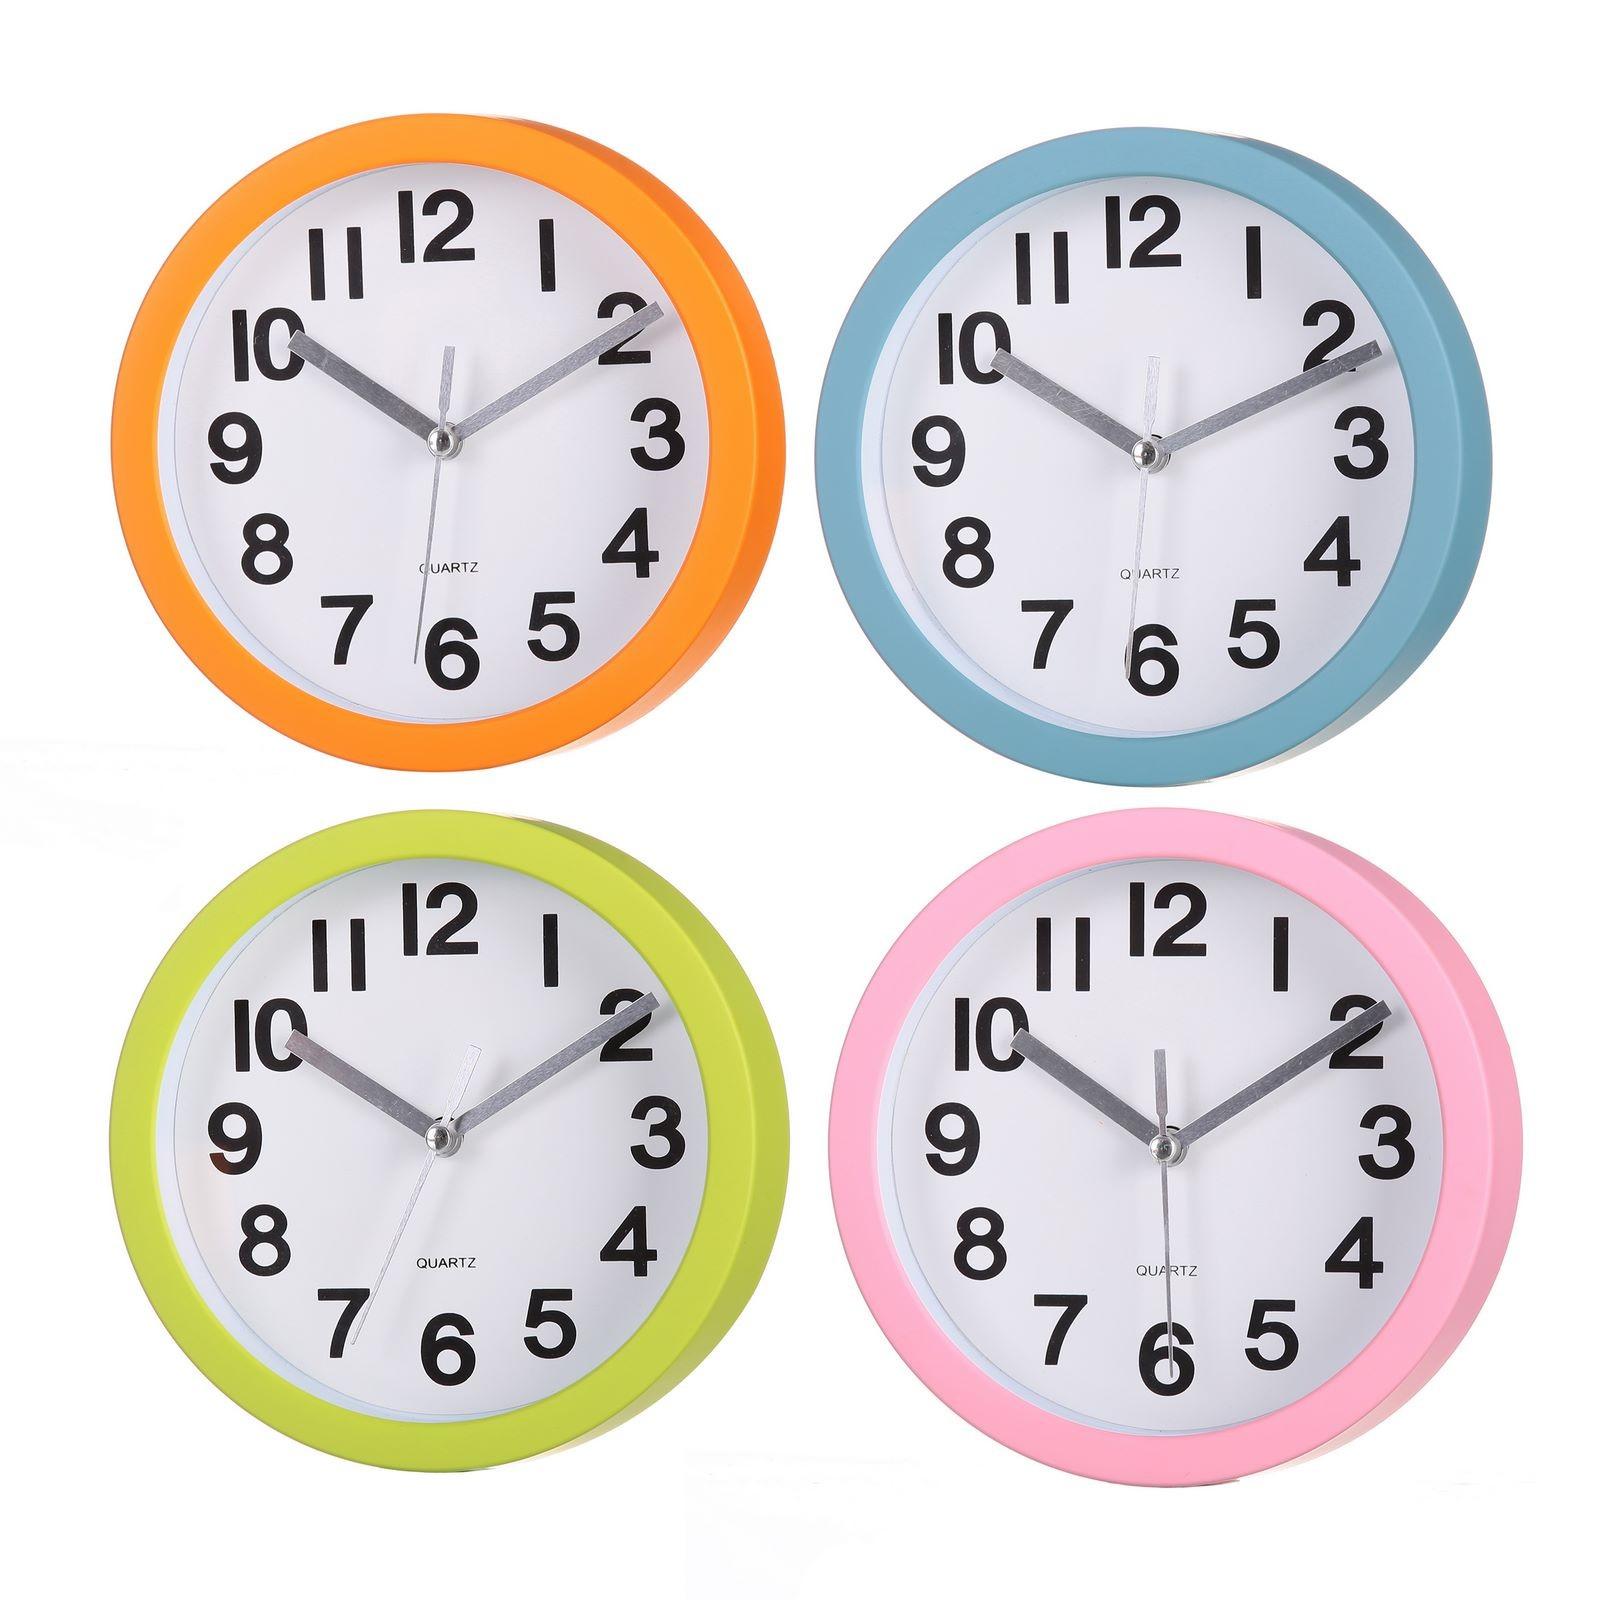 Encantador Reloj De Pared Modernos Inspiración - Ideas de Decoración ...